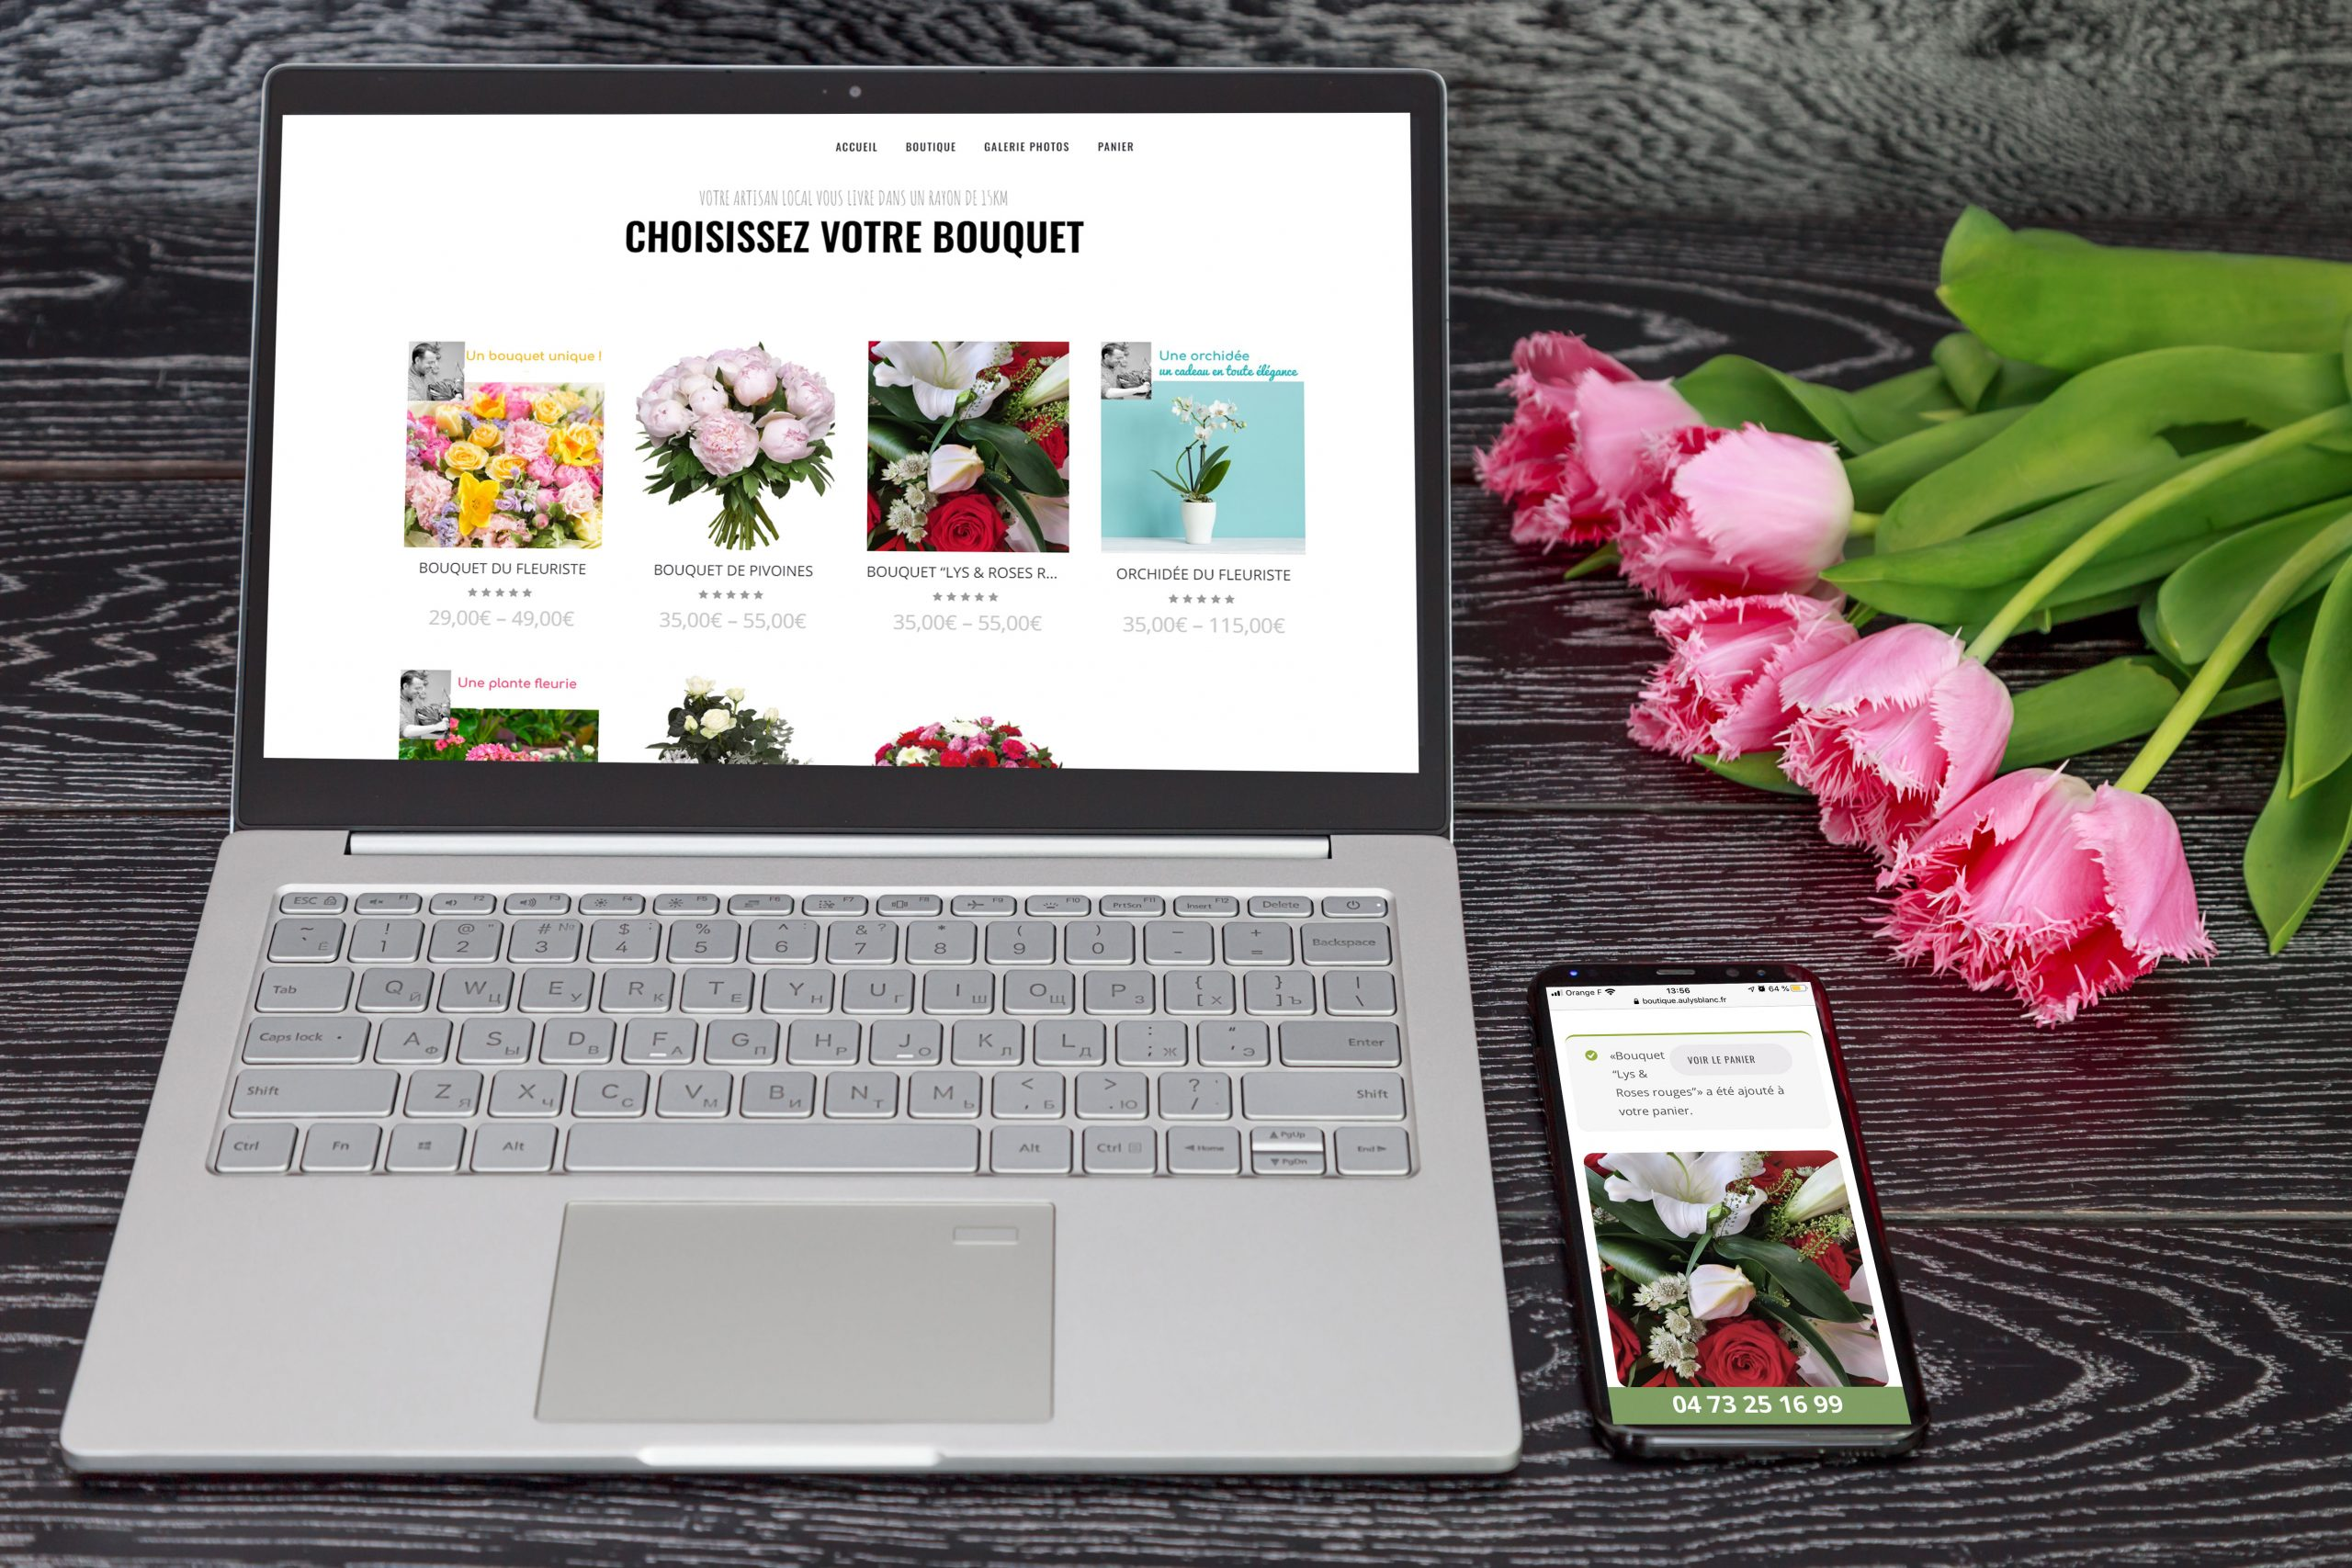 Site e-commerce - Clermont Ferrand - Puy de Dôme